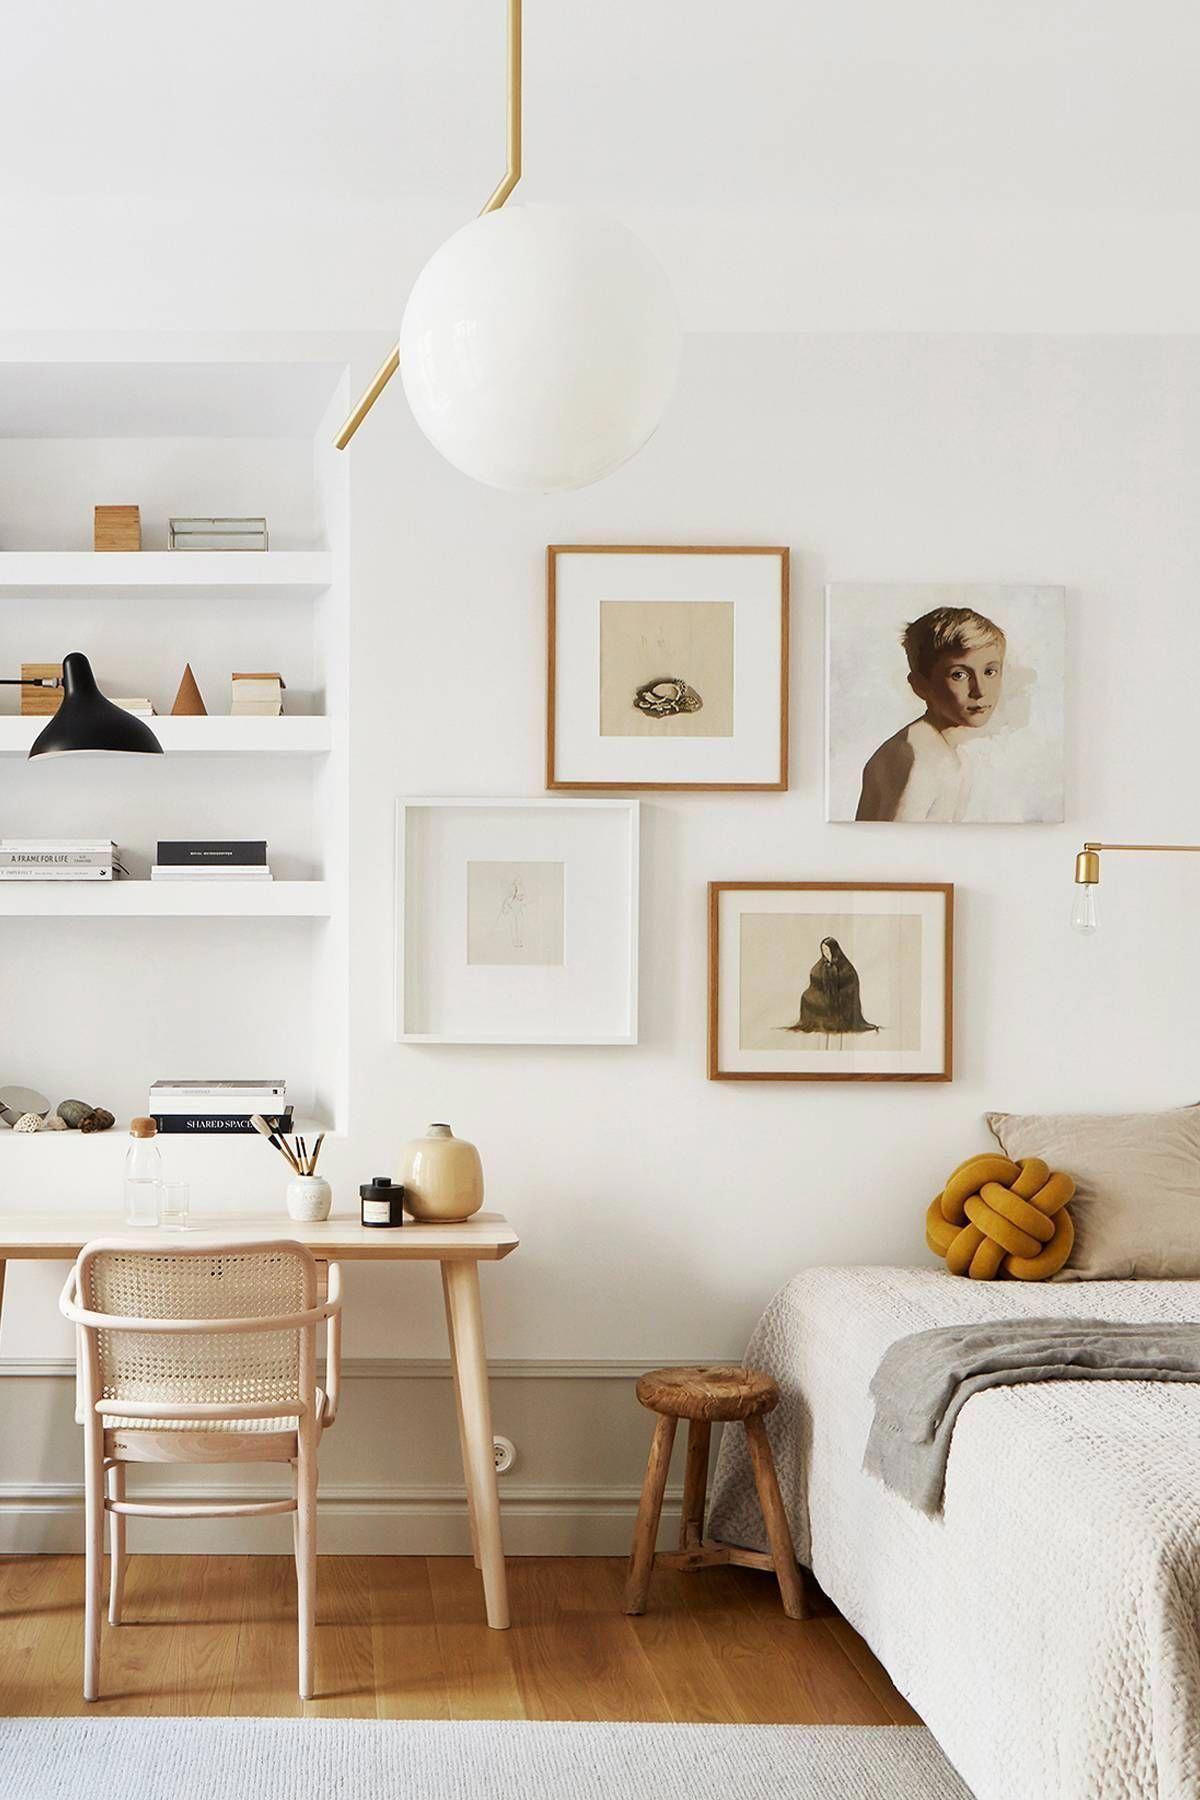 Scandinavian Interior Design Will Always Be in—How to Get the Look Here